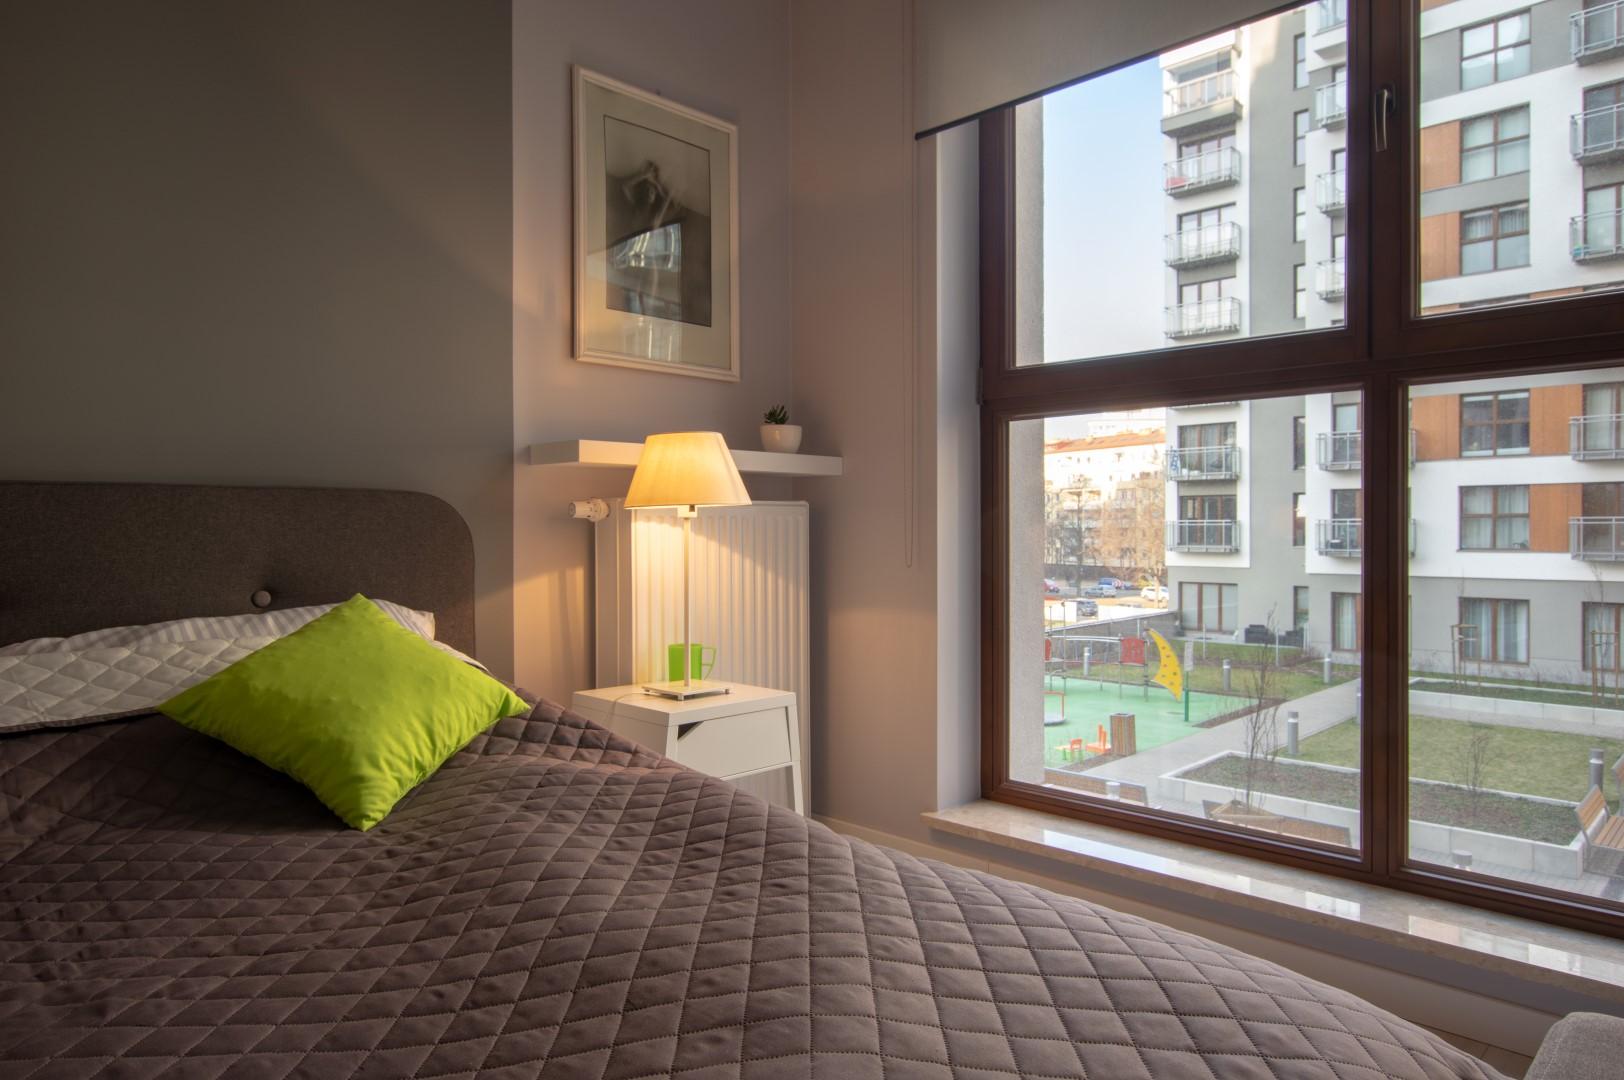 Woronicza – idealne mieszkanie na krótki najem